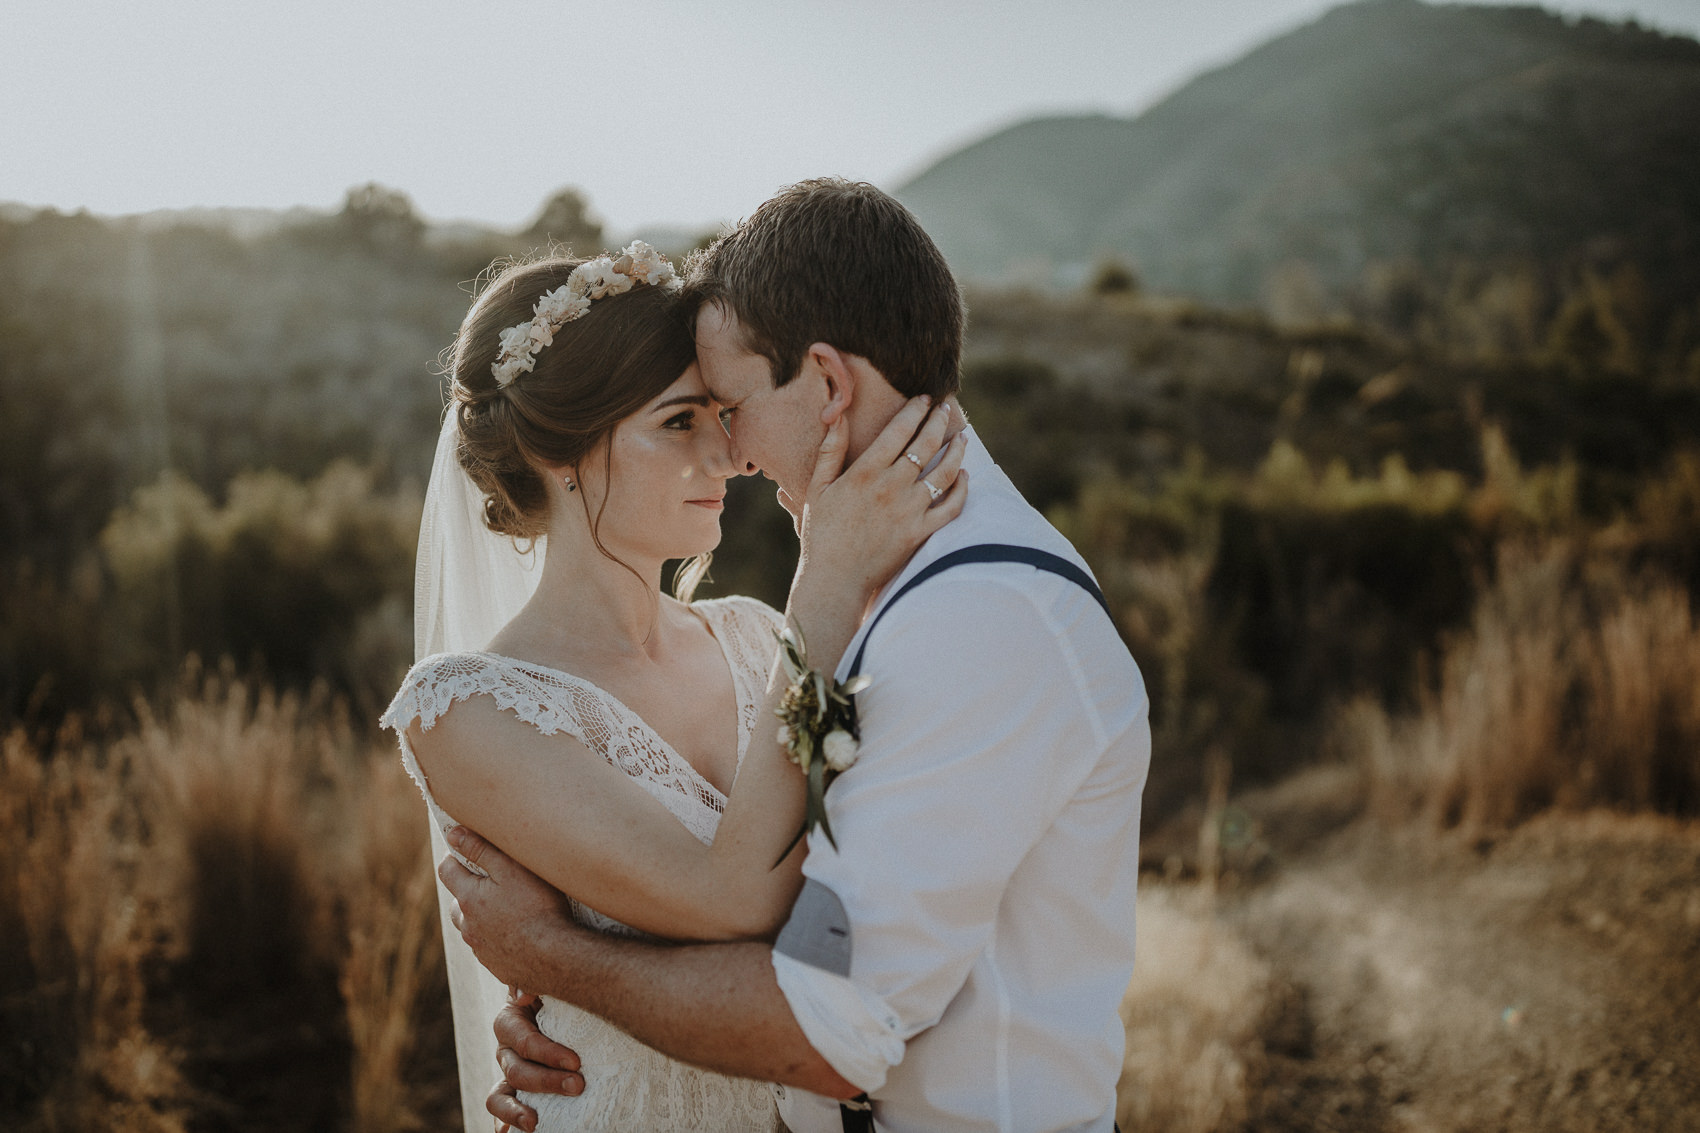 Sarah & Bill | Summer wedding at Cortijo Rosa Blanca | Marbella - Spain 129